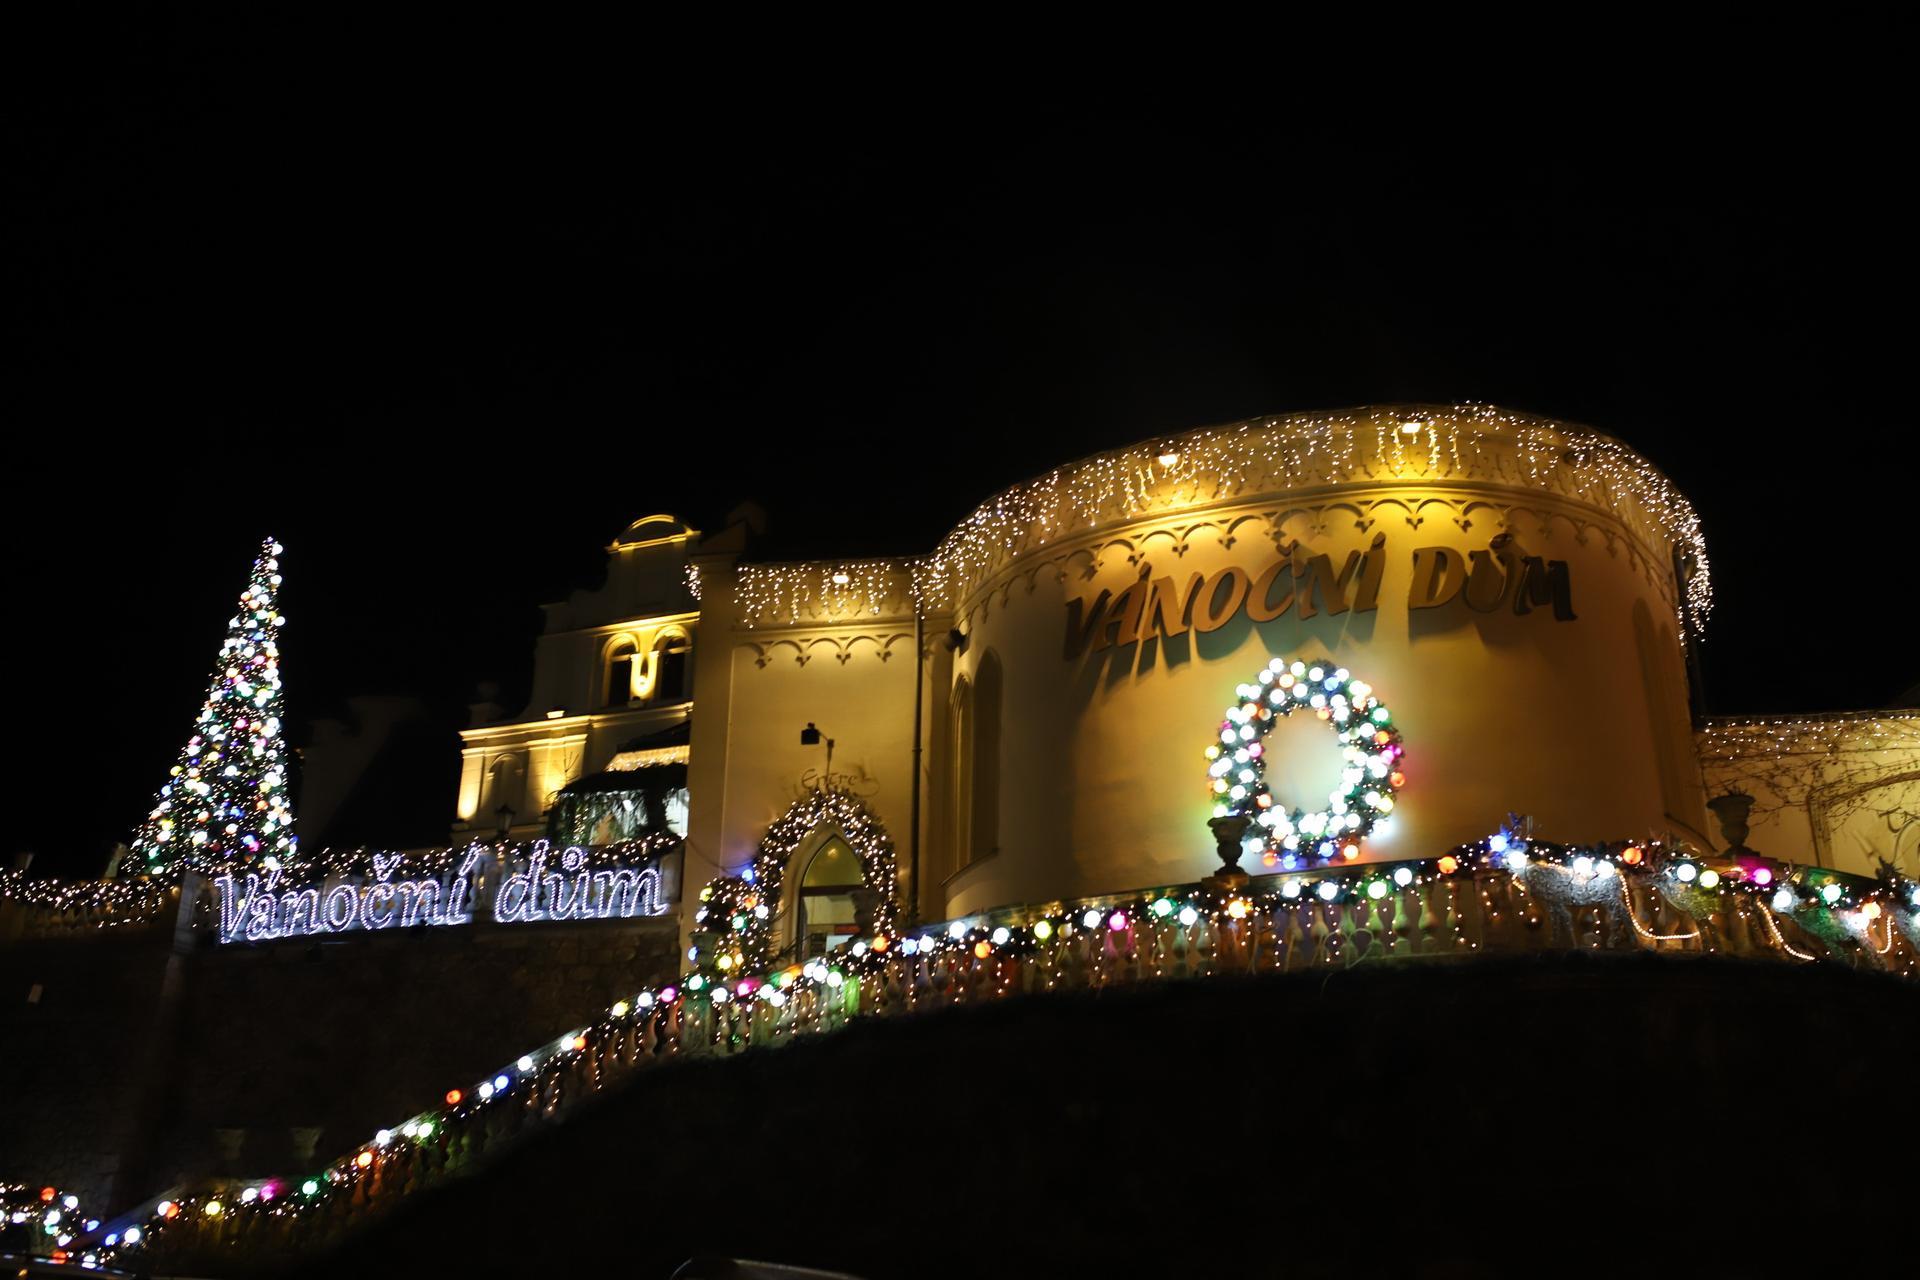 K našemu adventu  patří i návštěva Vánočního domu v Karlových Varech. Kdo nezná, určitě stojí za návštěvu! Více foto a informací na instagramu giselle.cz - Obrázek č. 1